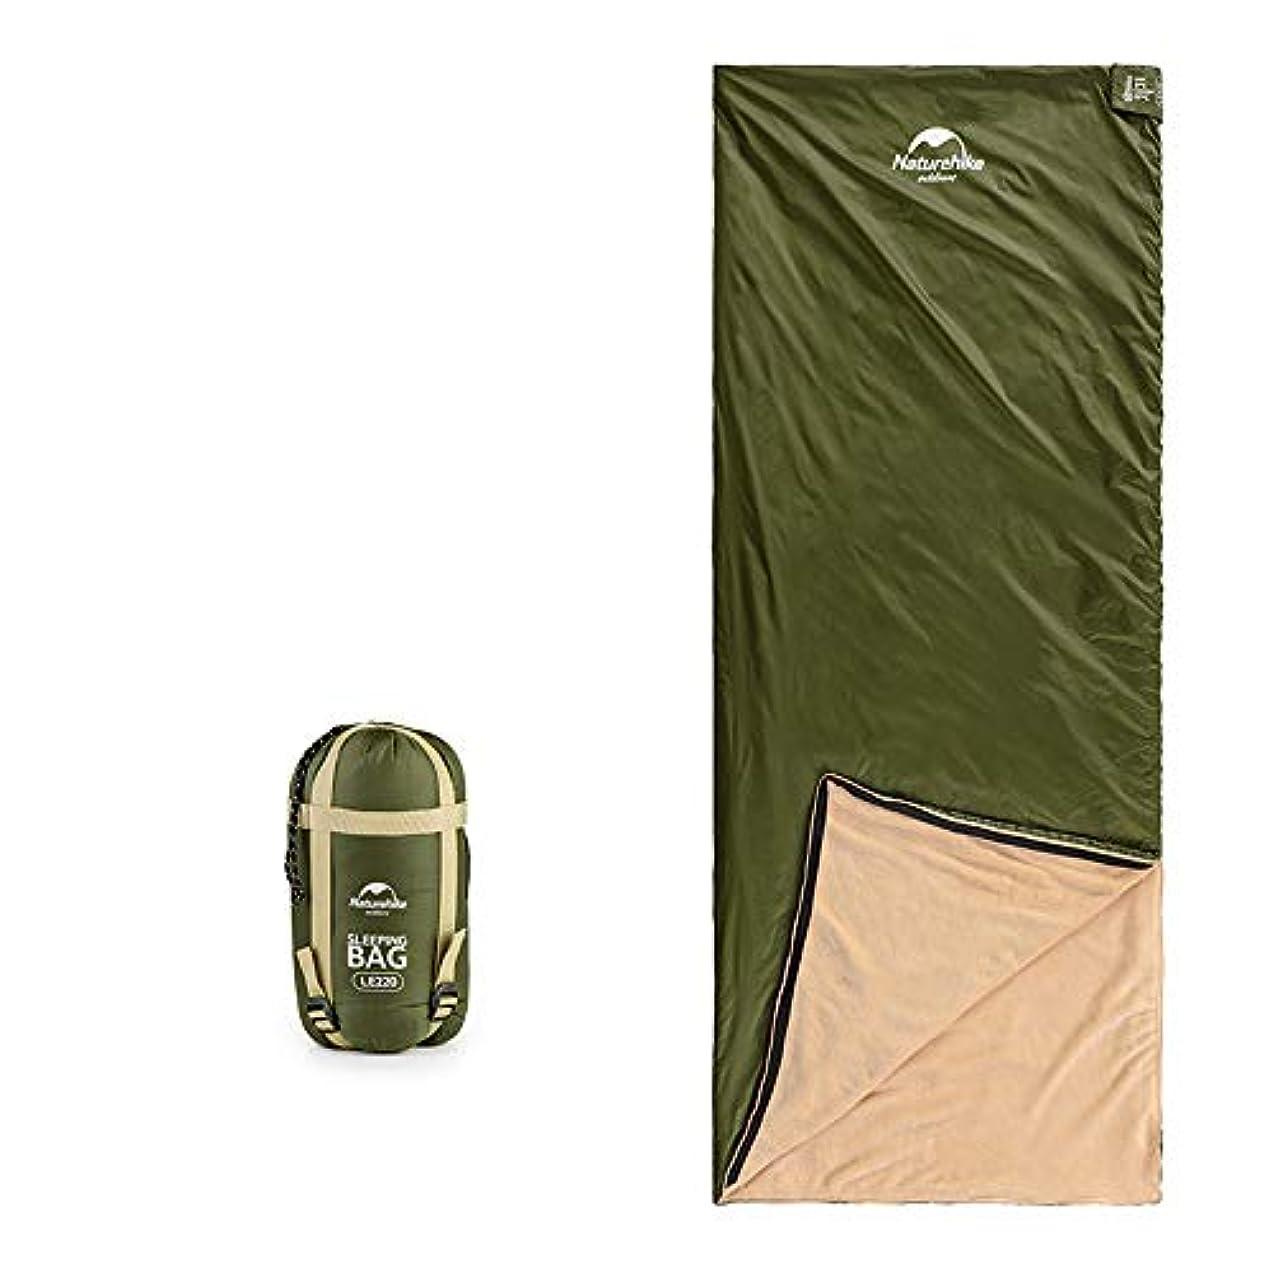 回転カメラ穏やかな寝袋内蔵のサンゴフリース、軽量で丈夫、通気性と吸湿性、アウトドアキャンプに適し、出張、旅行